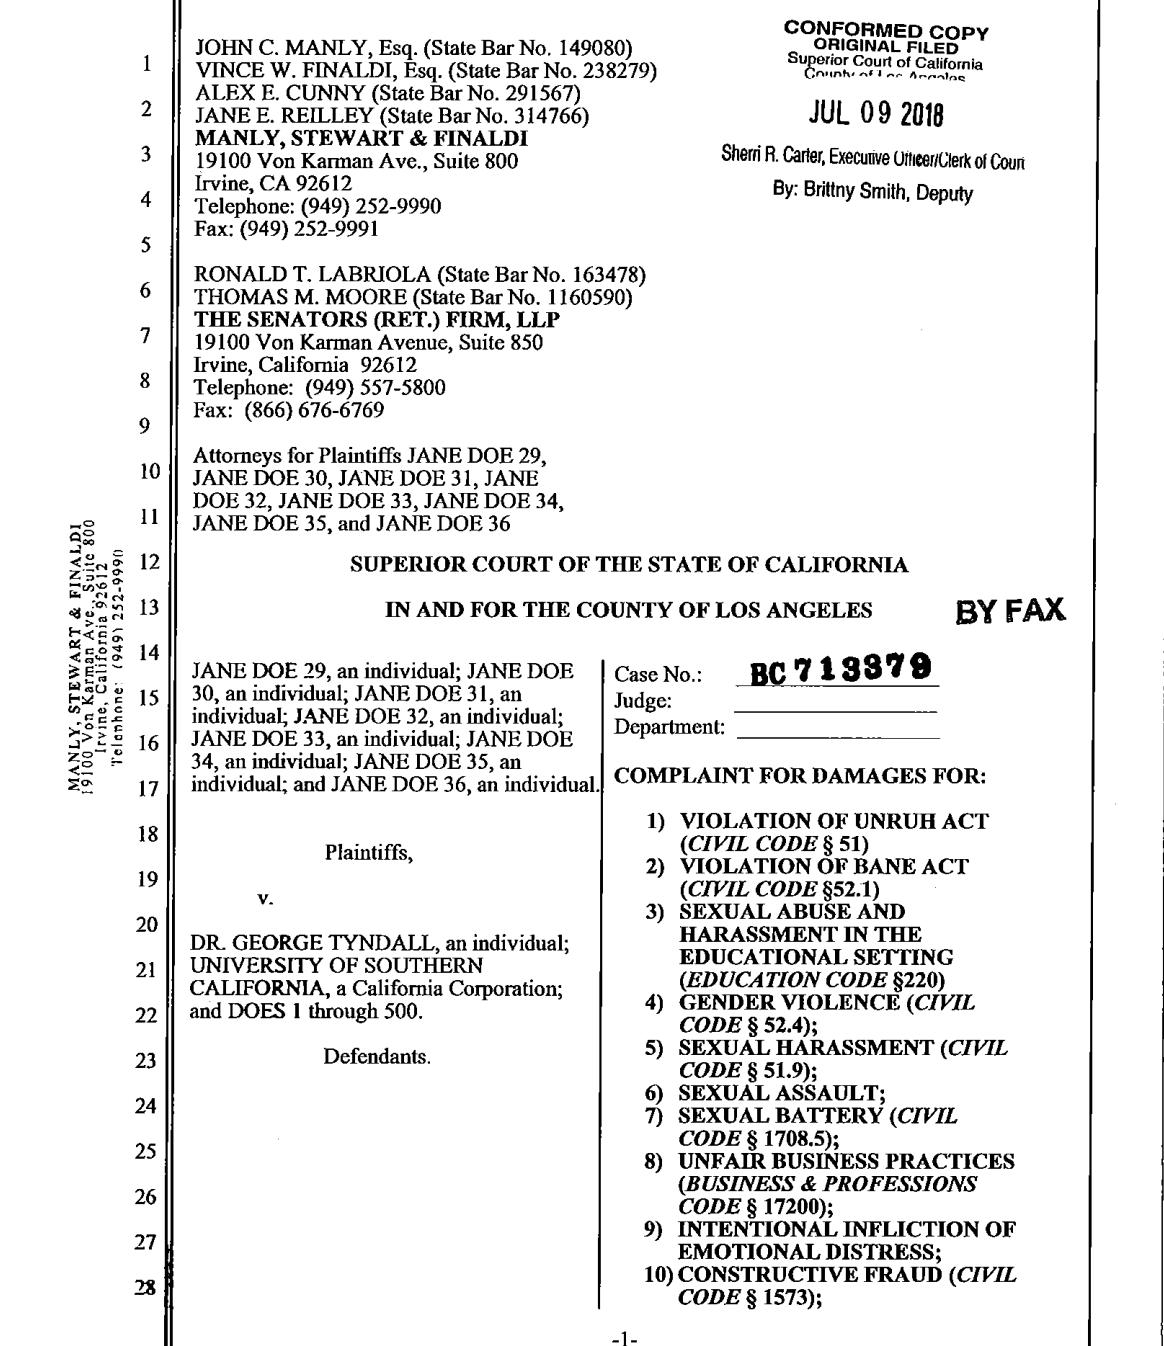 南加大又有八名校醫性侵案受害人7月9日委託著名律師曼利(John Manly)向洛杉磯高等法院提告,此為訴狀書部分內容。(曼利律師事務所提供)